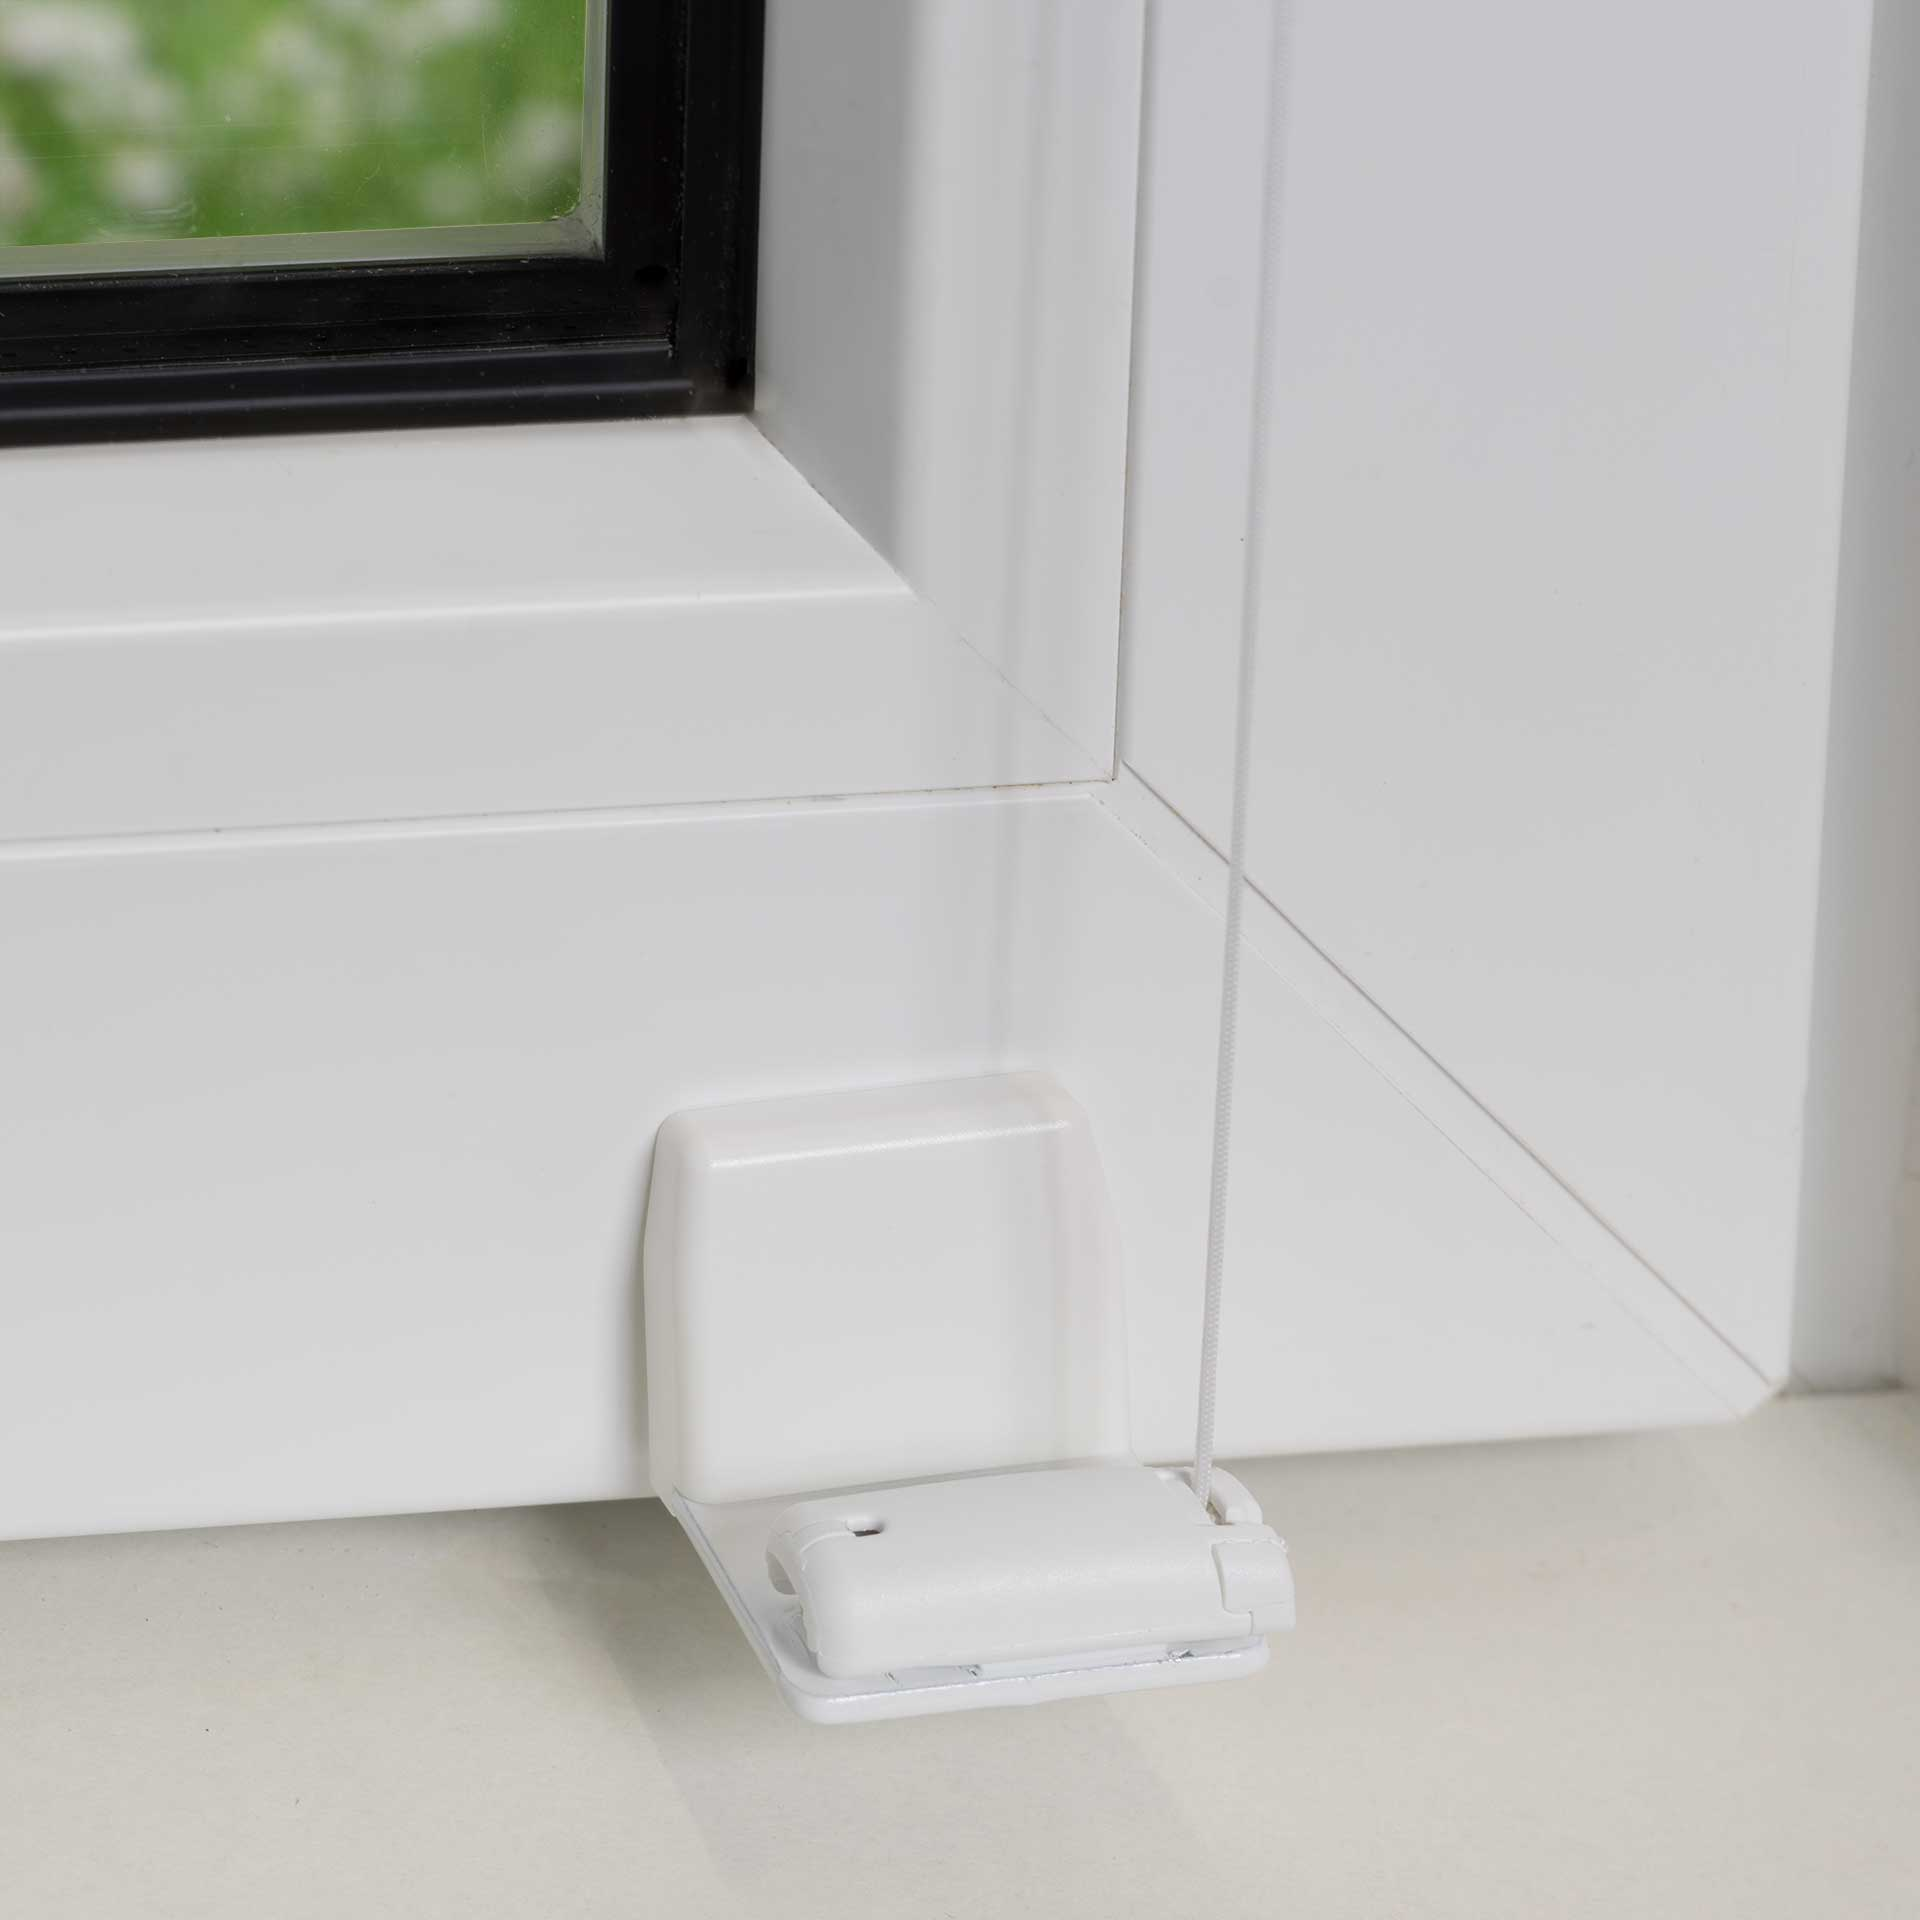 Sonnenschutz-Plissee VS1/VS2 für Fenster   mit Bediengriff